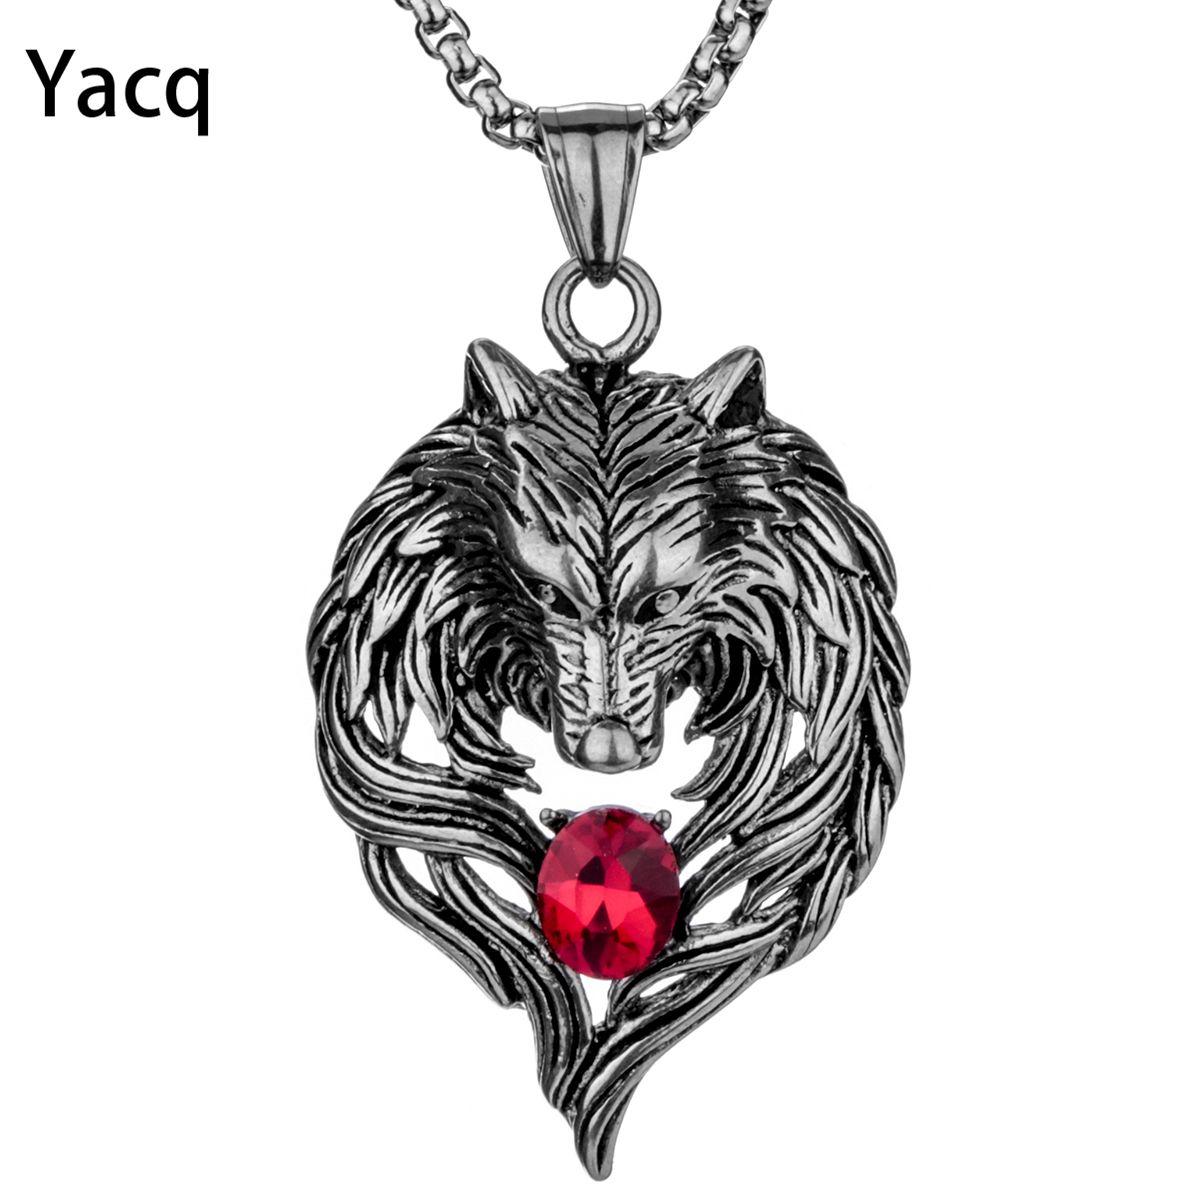 Yacq Wolf collier en acier inoxydable pour hommes femmes pendentif chaîne Biker bijoux cadeau fête des pères papa lui sa maman livraison directe GN41